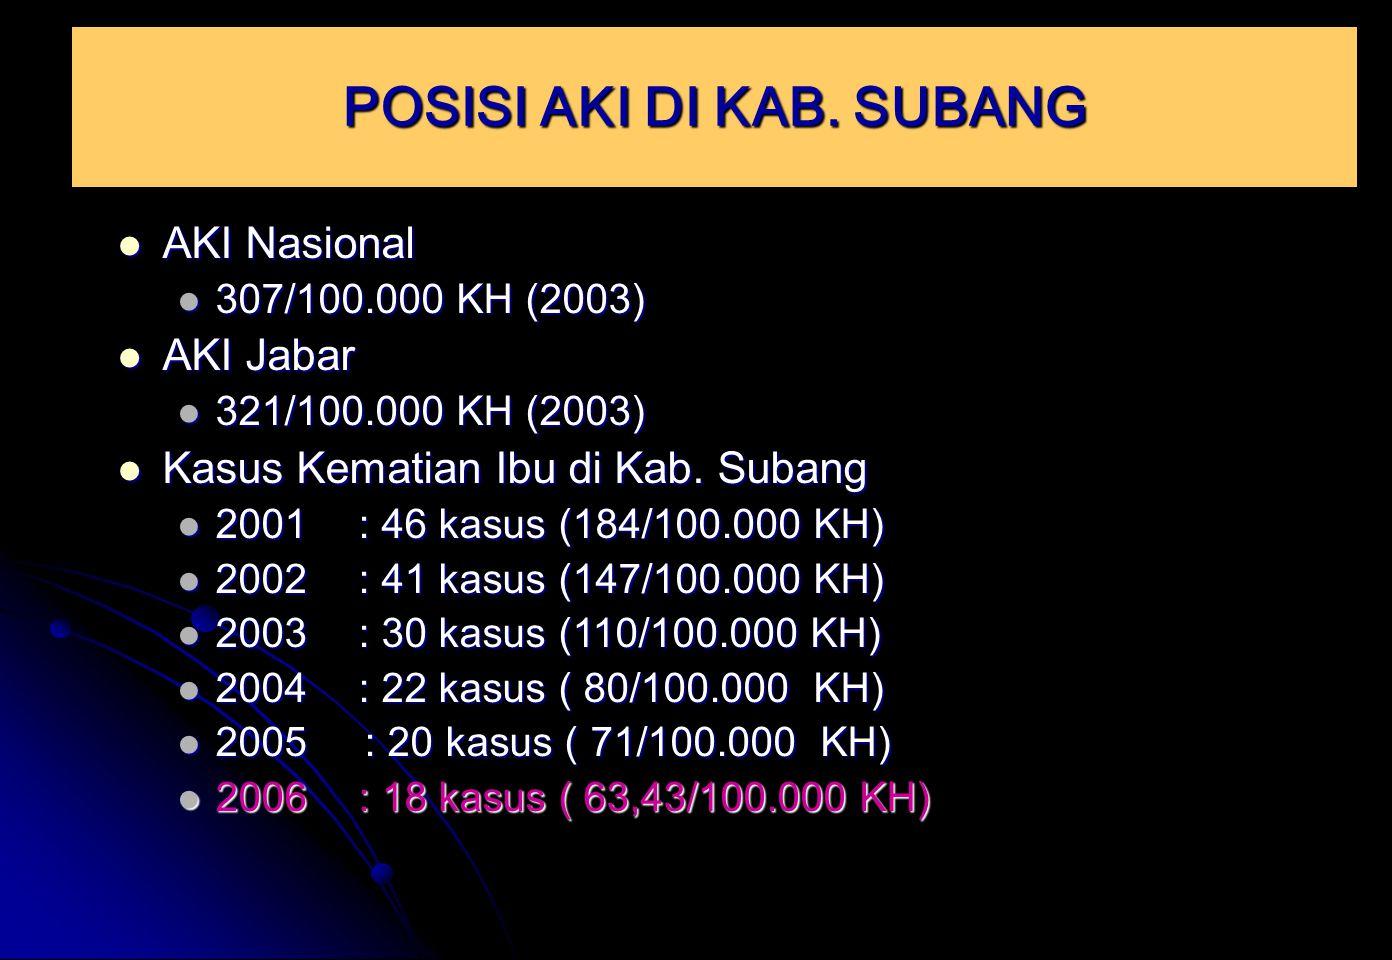 AKI Nasional AKI Nasional 307/100.000 KH (2003) 307/100.000 KH (2003) AKI Jabar AKI Jabar 321/100.000 KH (2003) 321/100.000 KH (2003) Kasus Kematian I